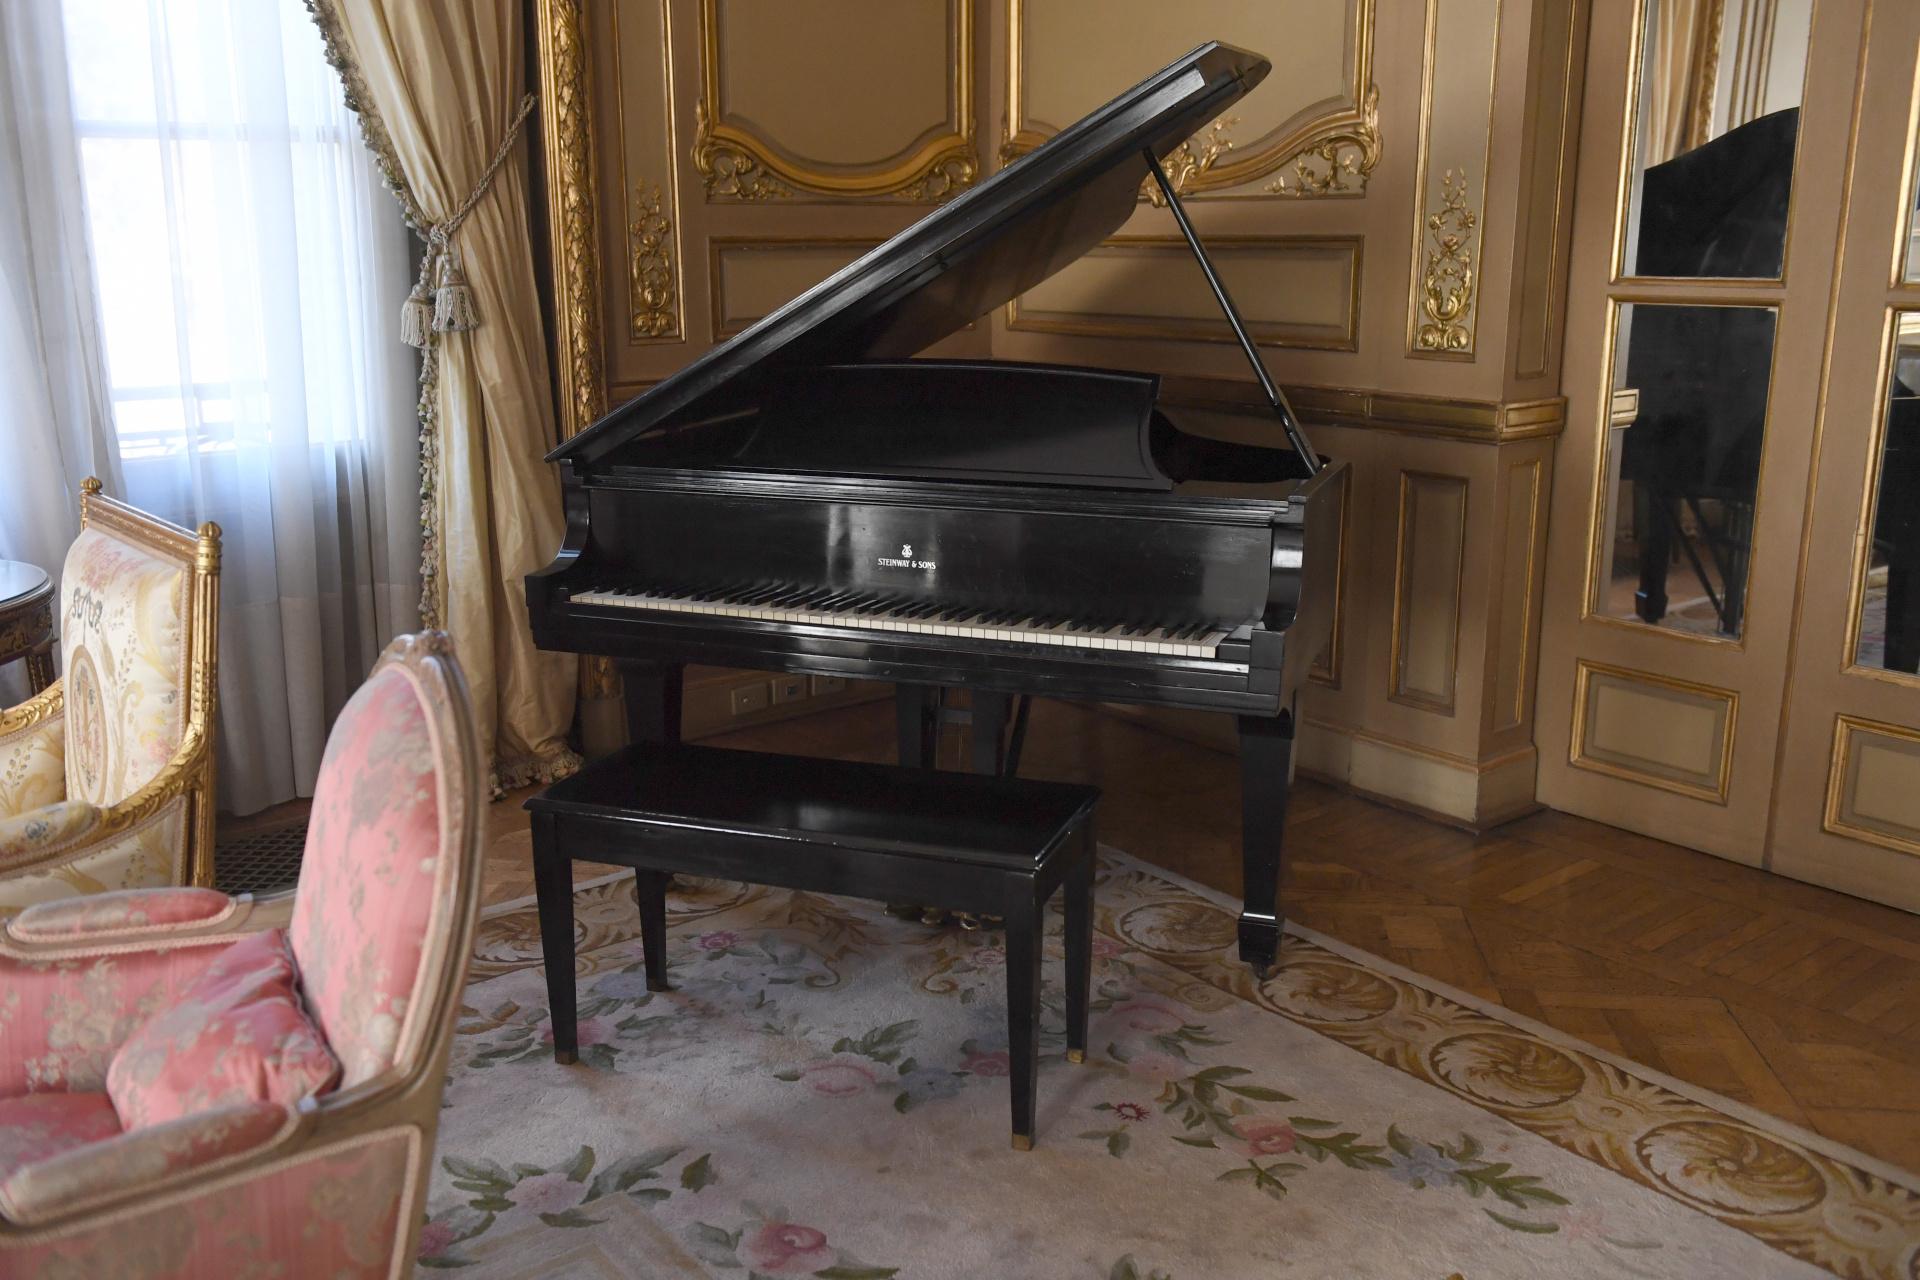 El piano de cola que se usa para musicalizar las galas